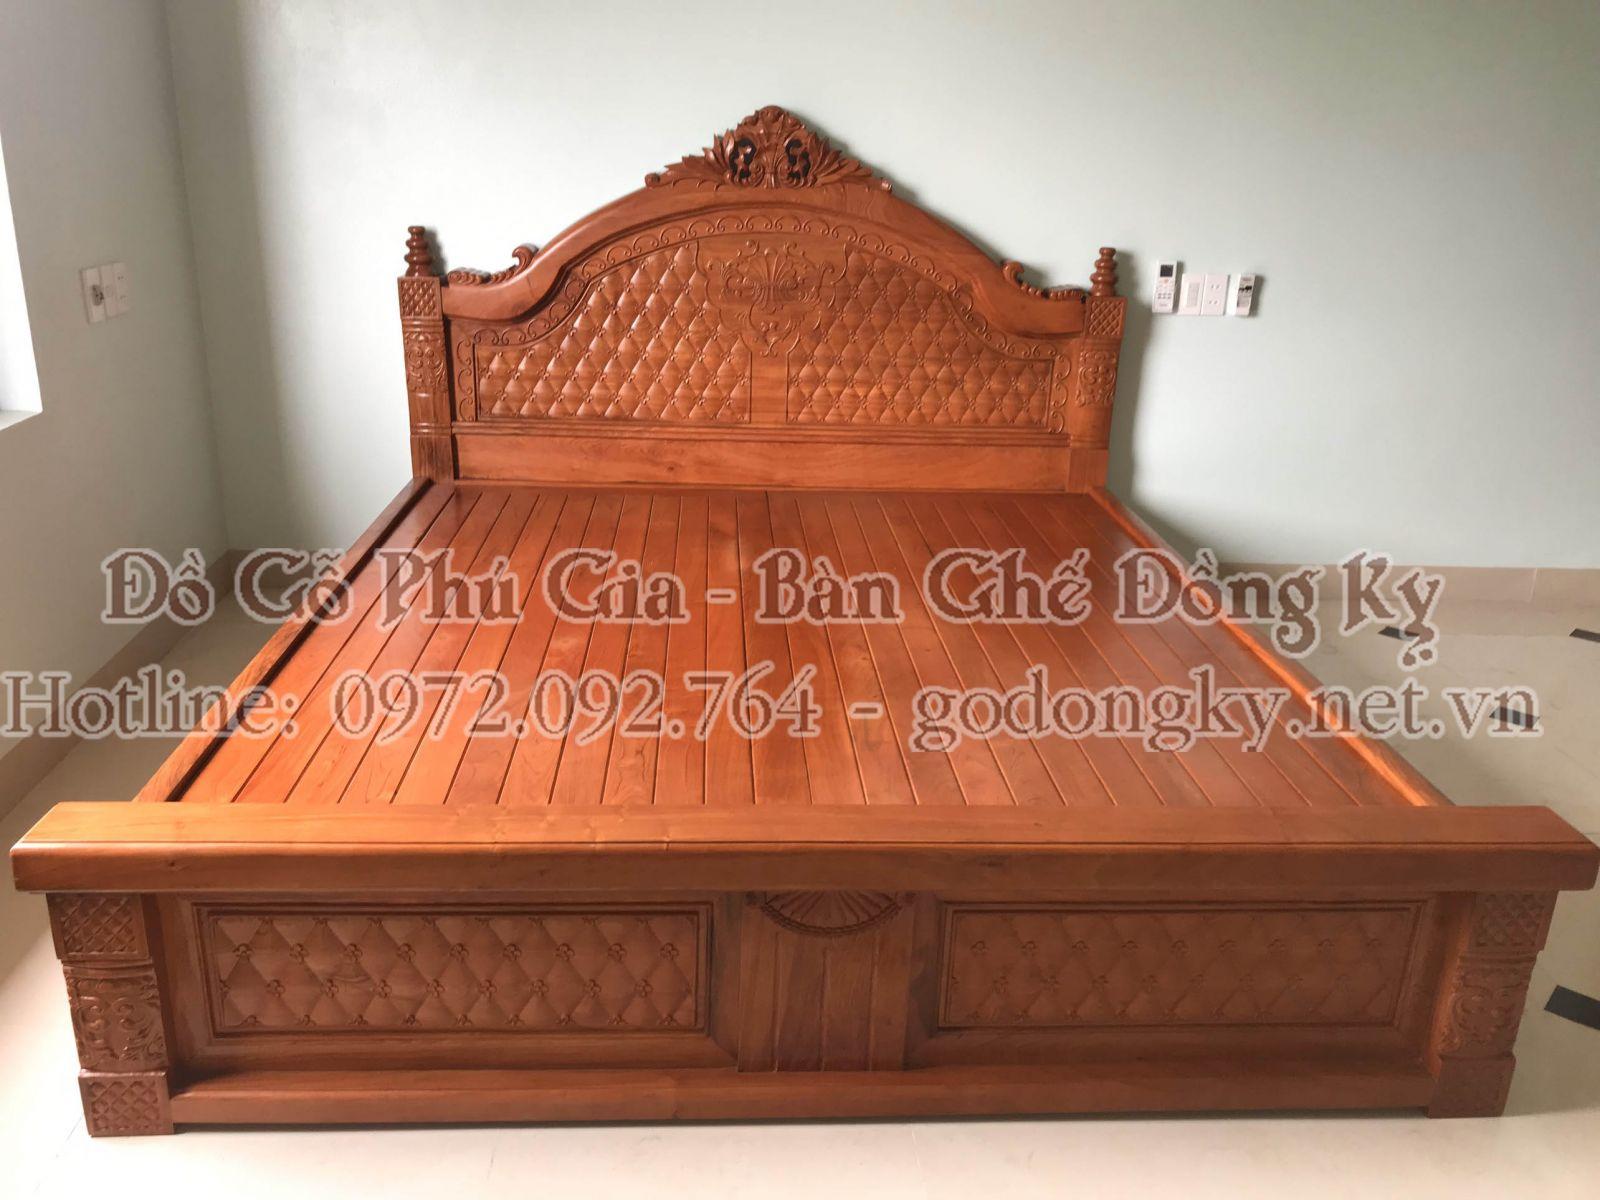 giường ngủ đồ gỗ đồng kỵ 20